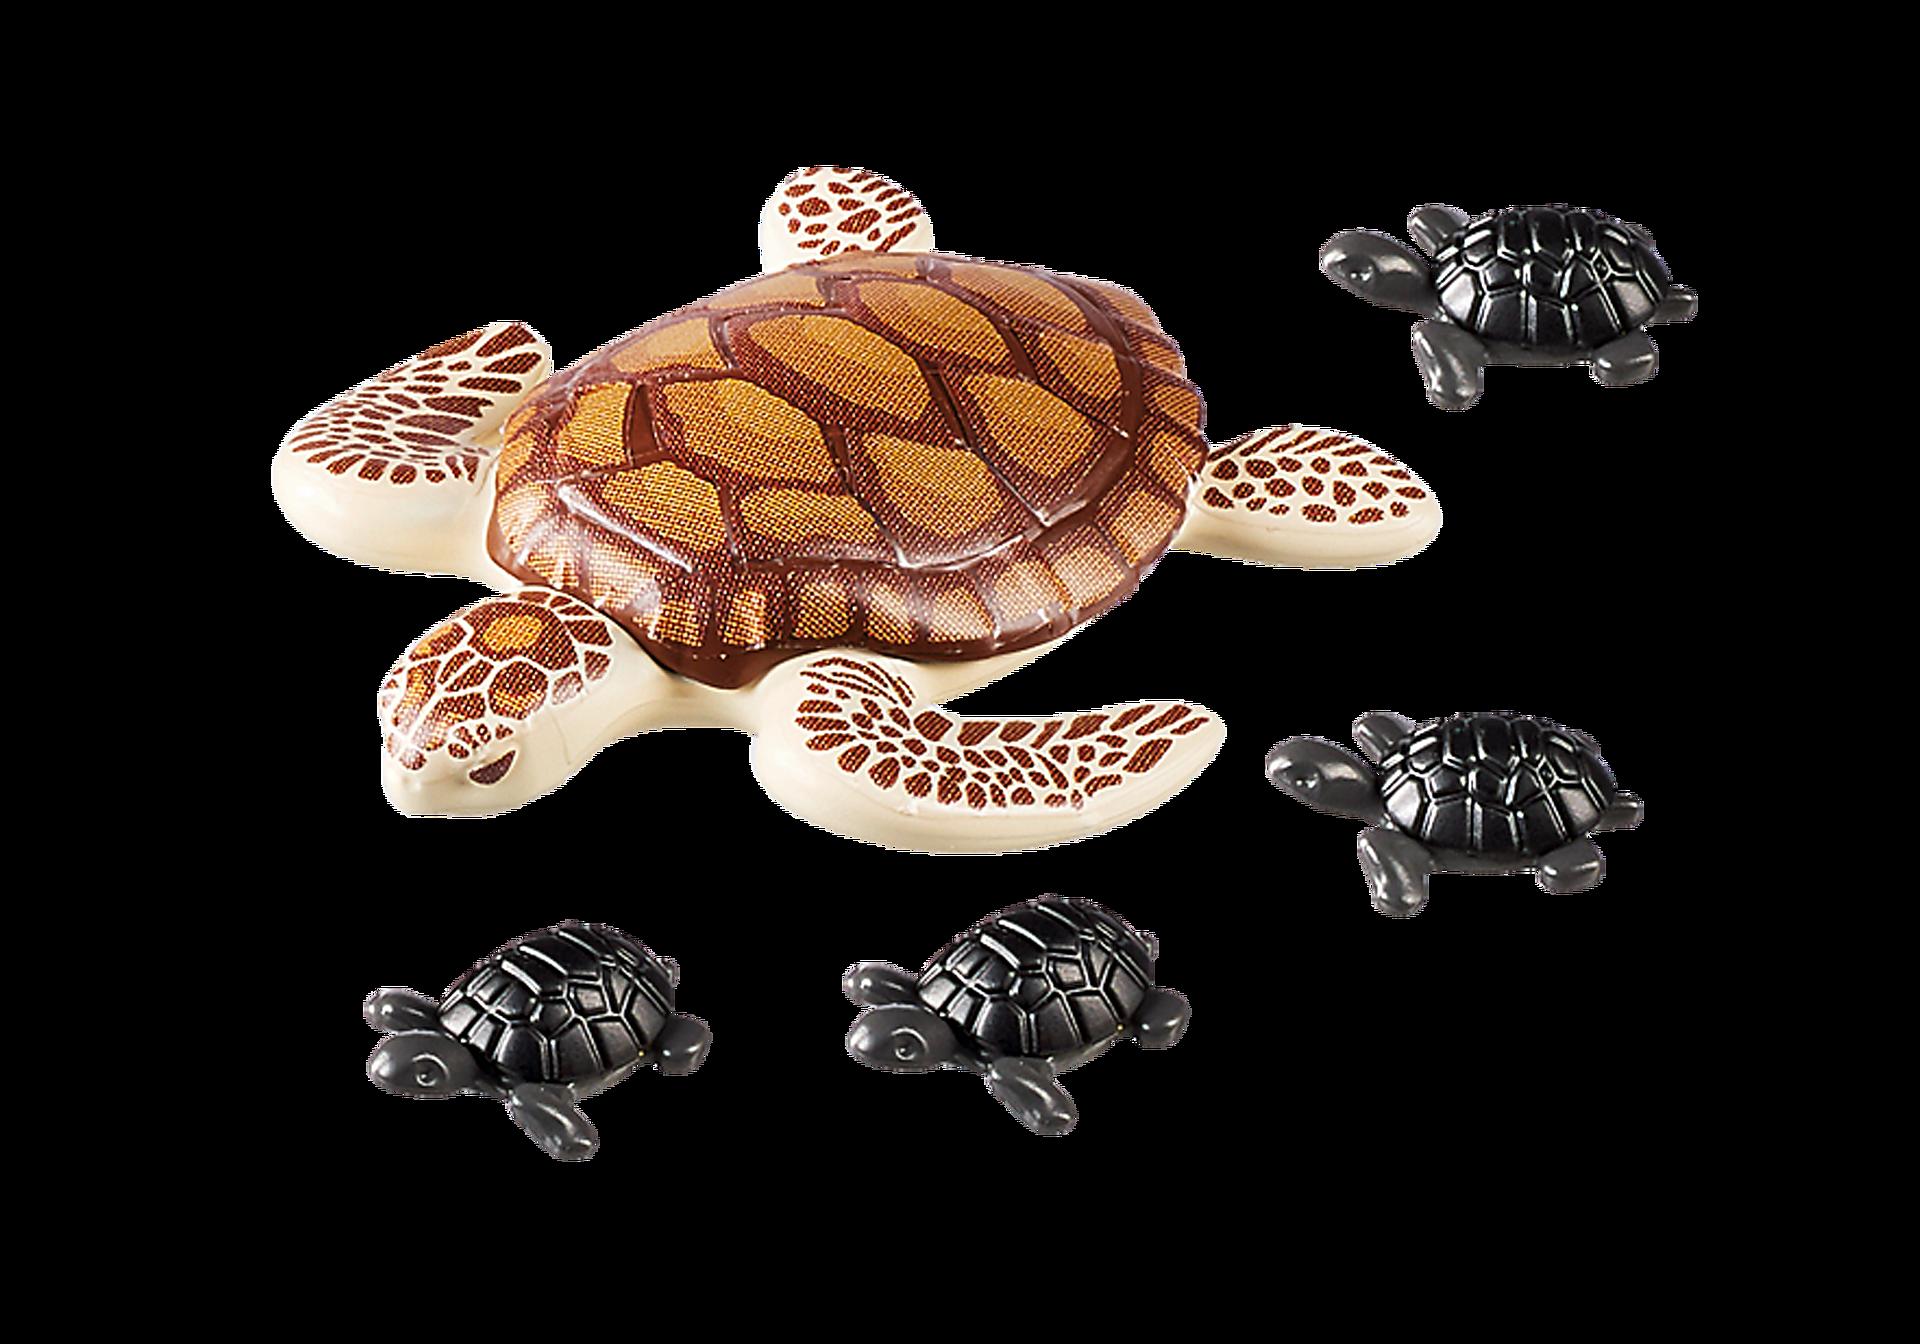 9071 Θαλάσσια χελώνα με χελωνάκια zoom image4